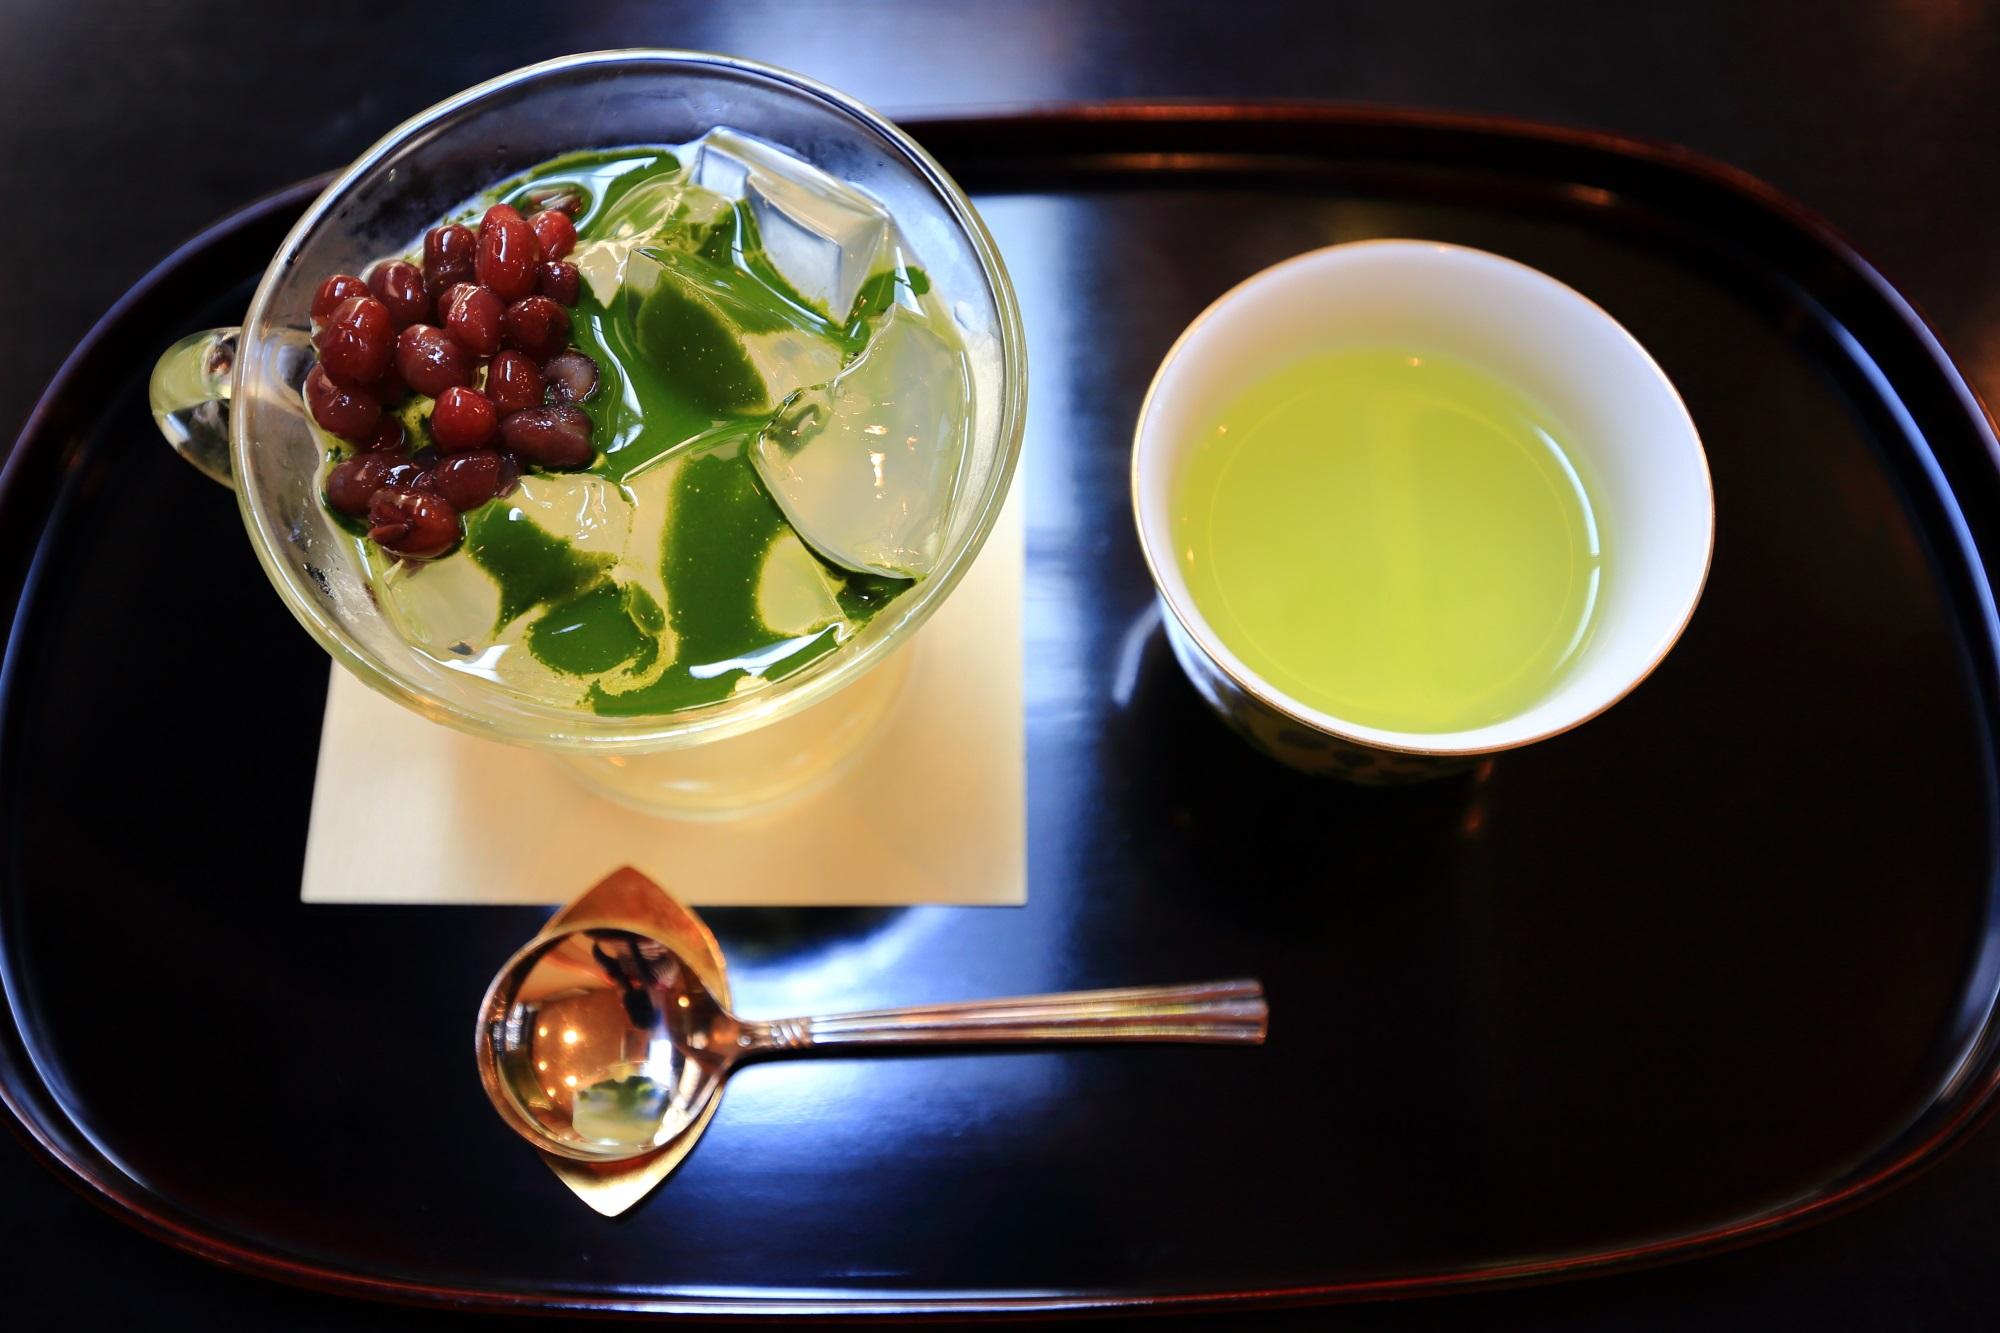 5月の抹茶と小豆の琥珀流し(税込660円)